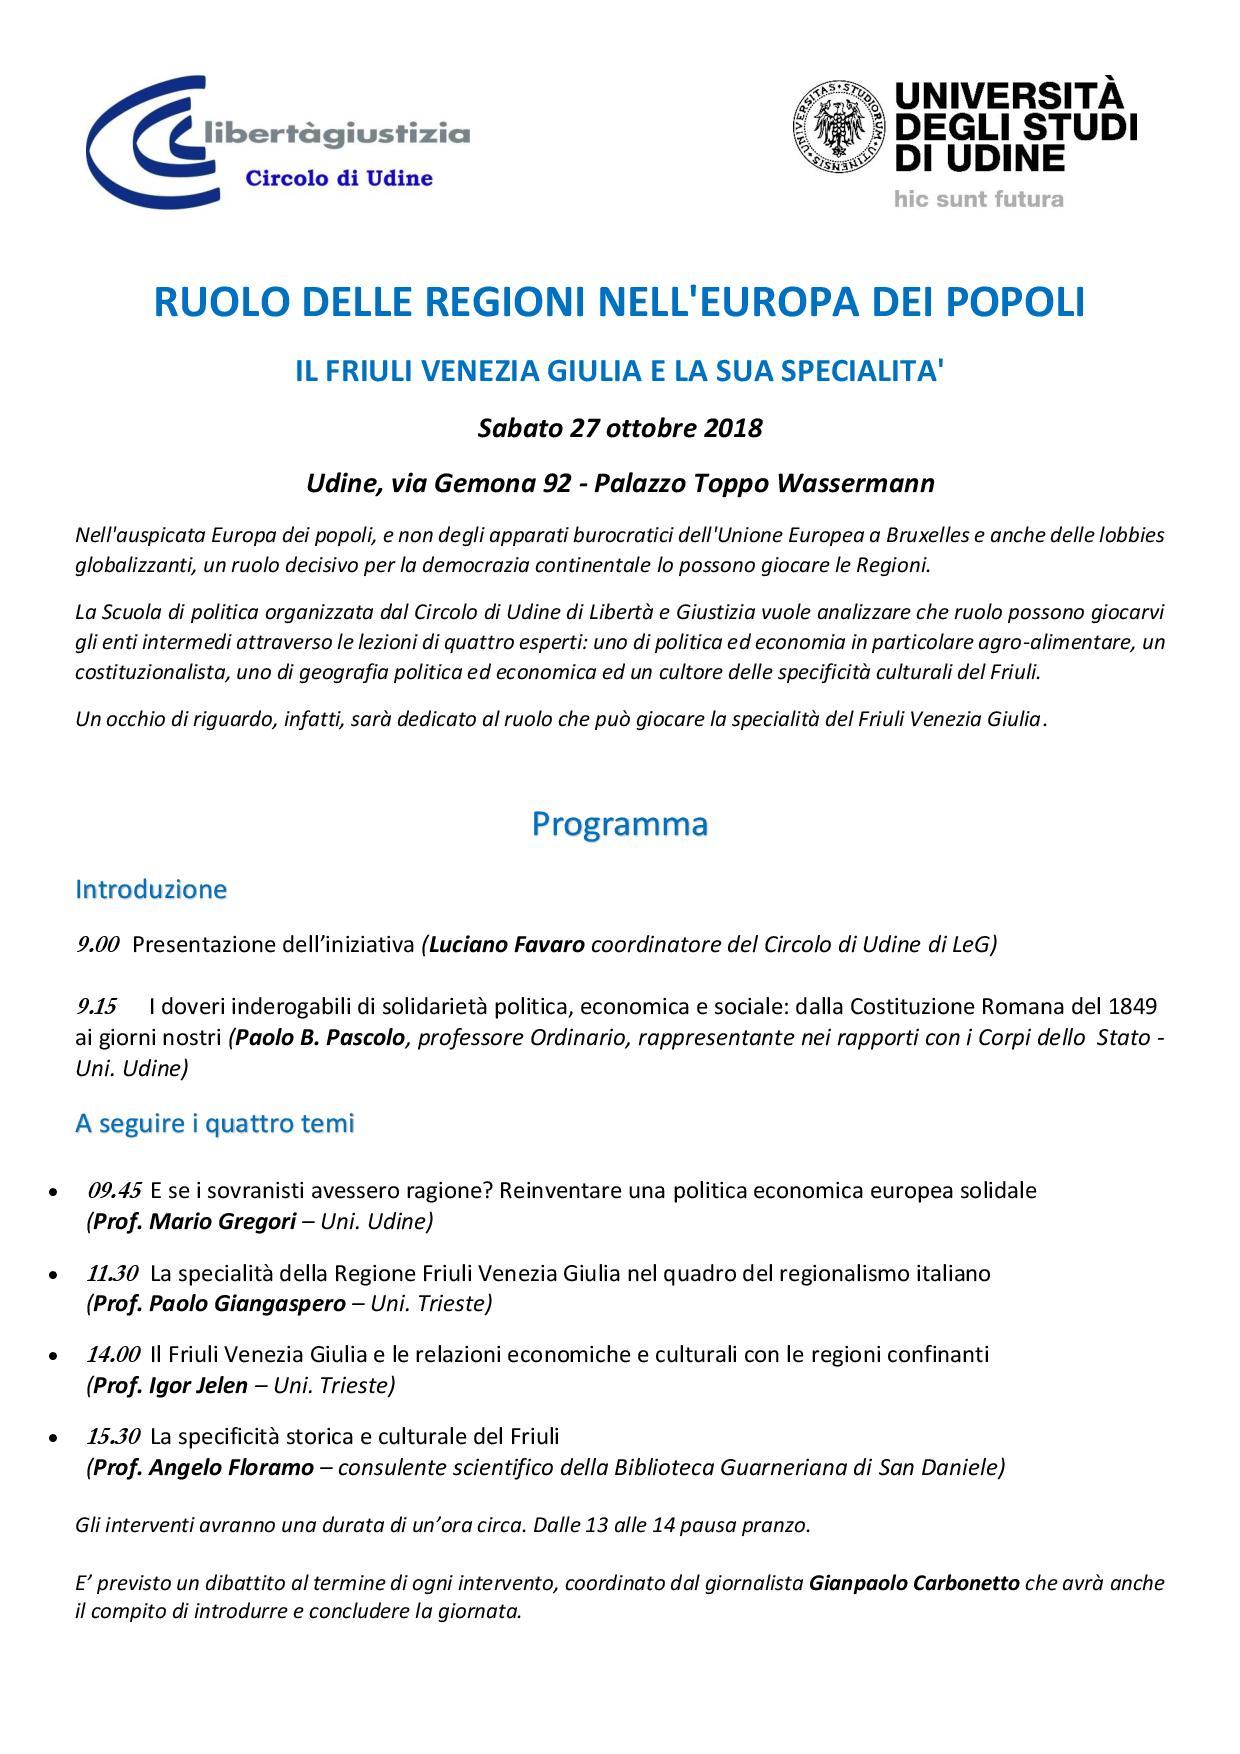 ScuolaLEG_Udine20181027-page-002